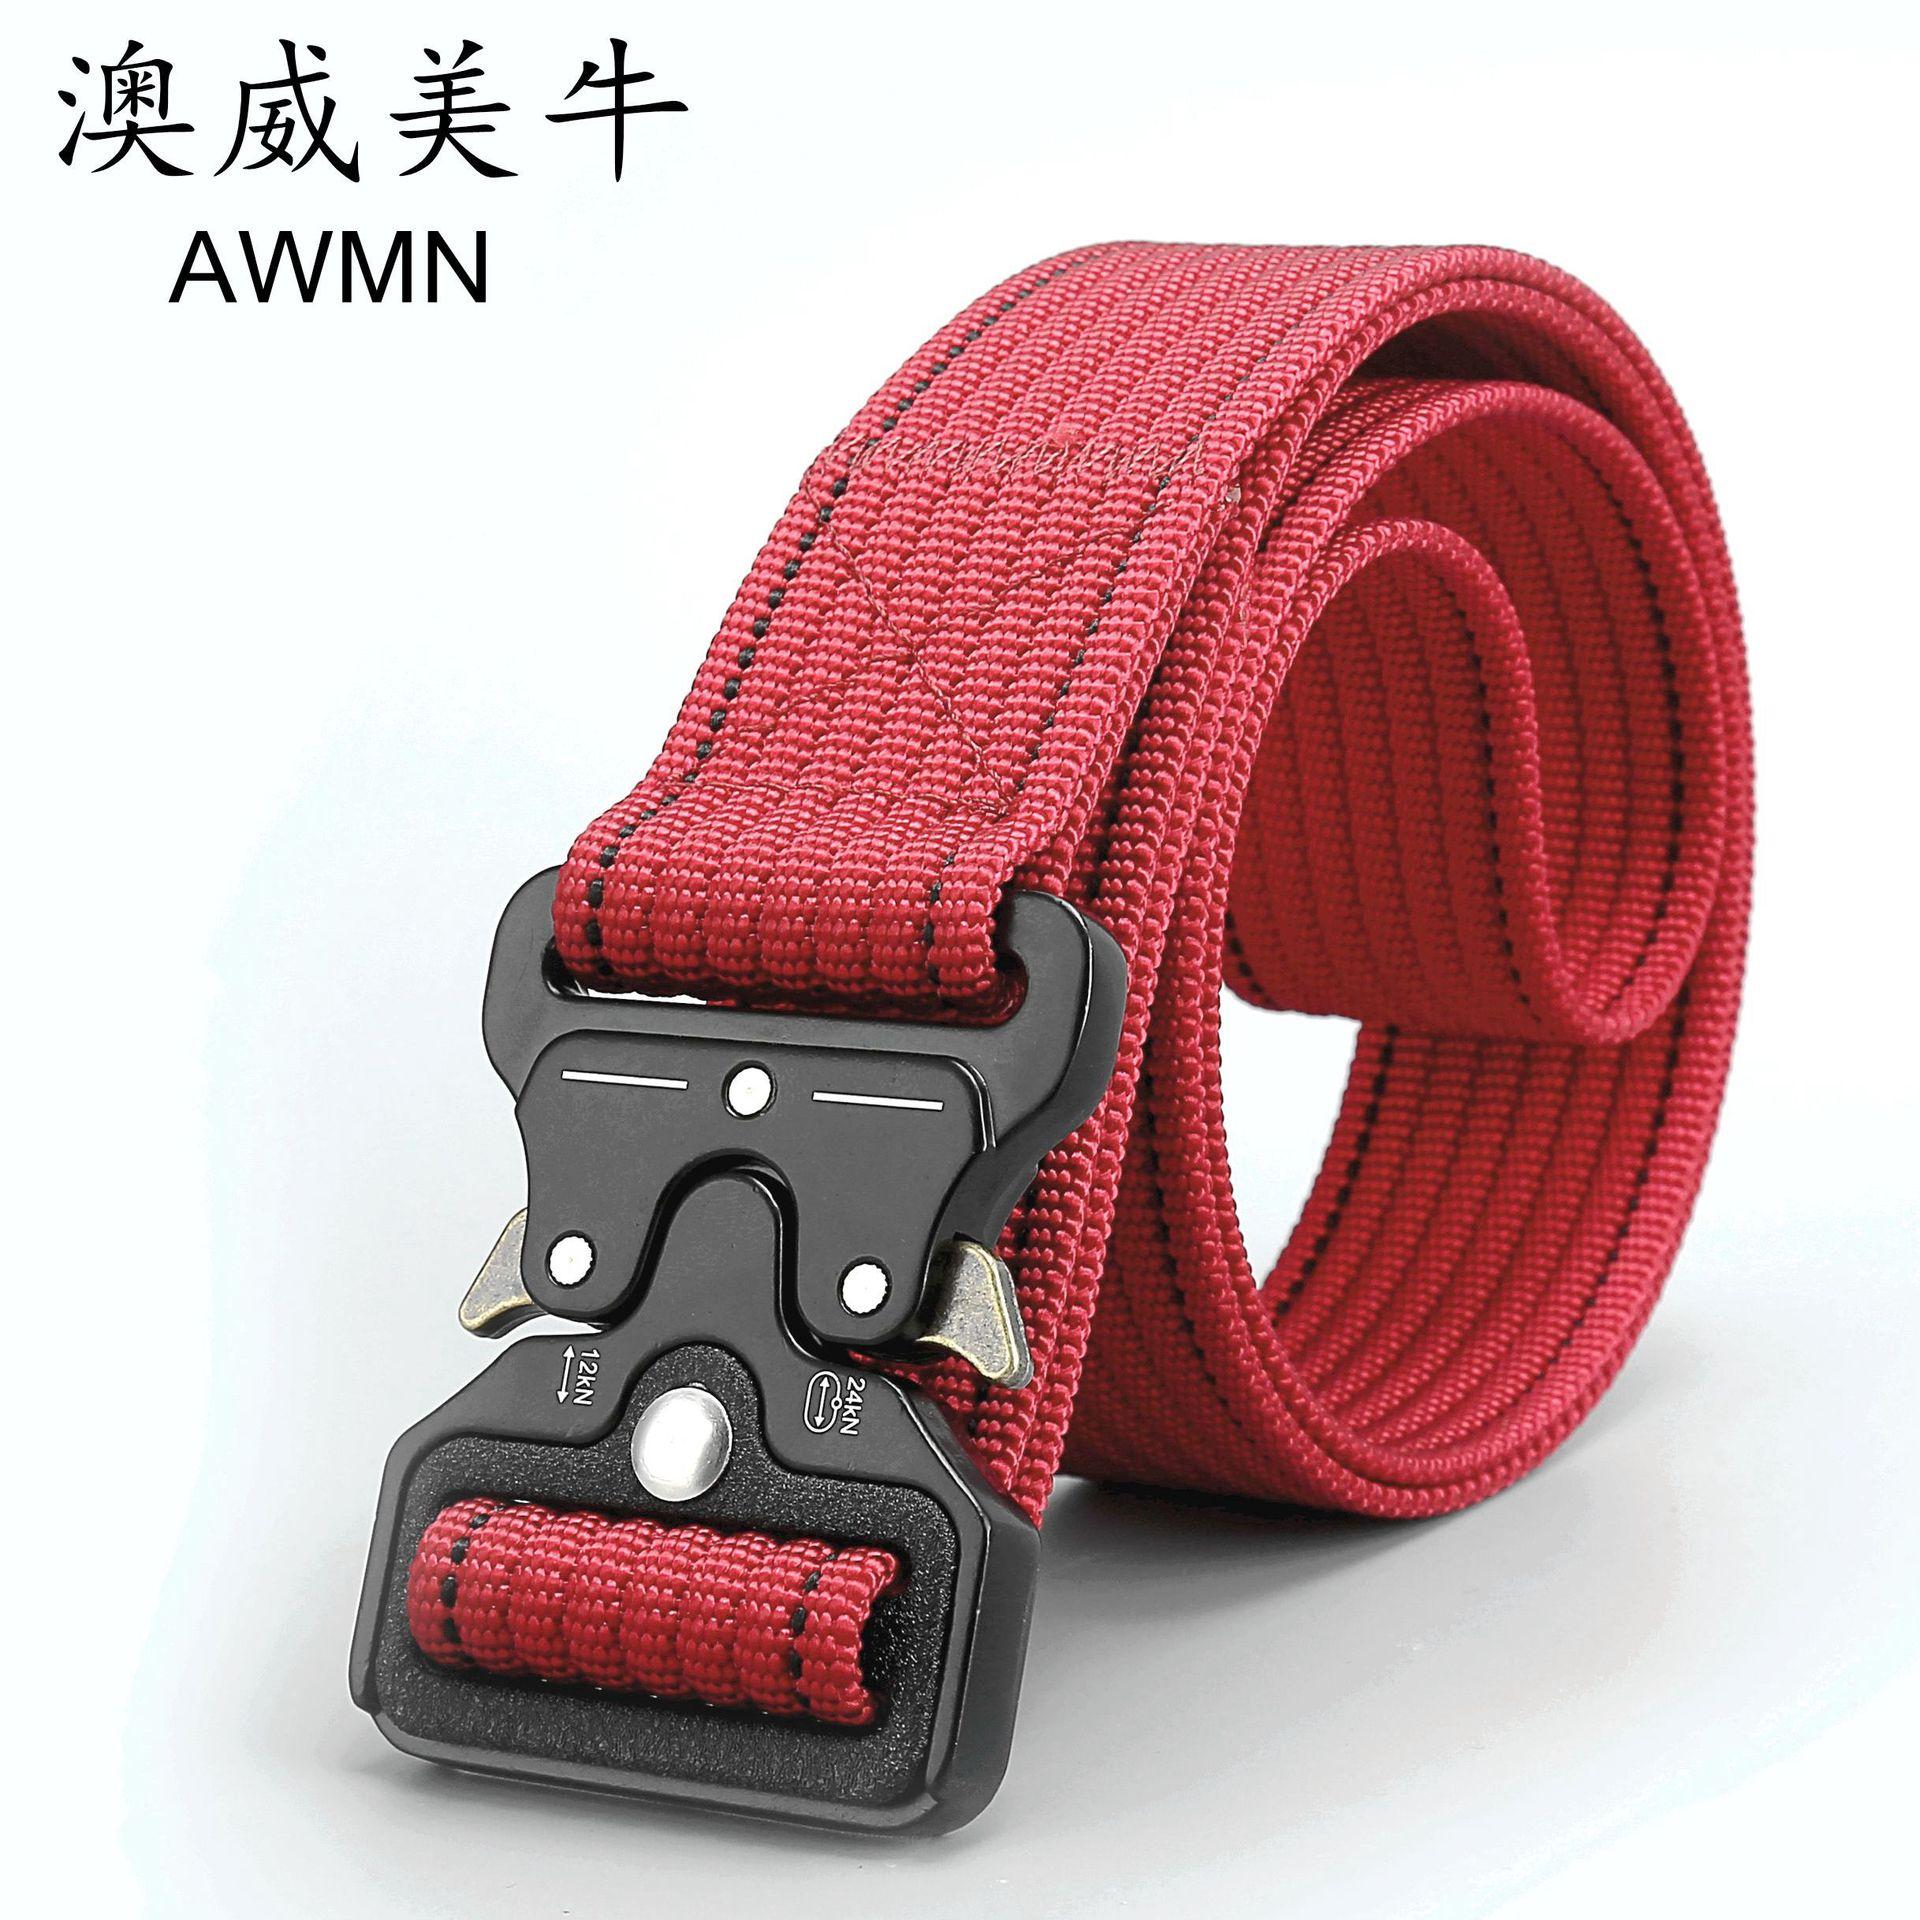 3.8cm 战术腰带多功能皮带军迷男士尼龙武装带眼镜蛇皮带